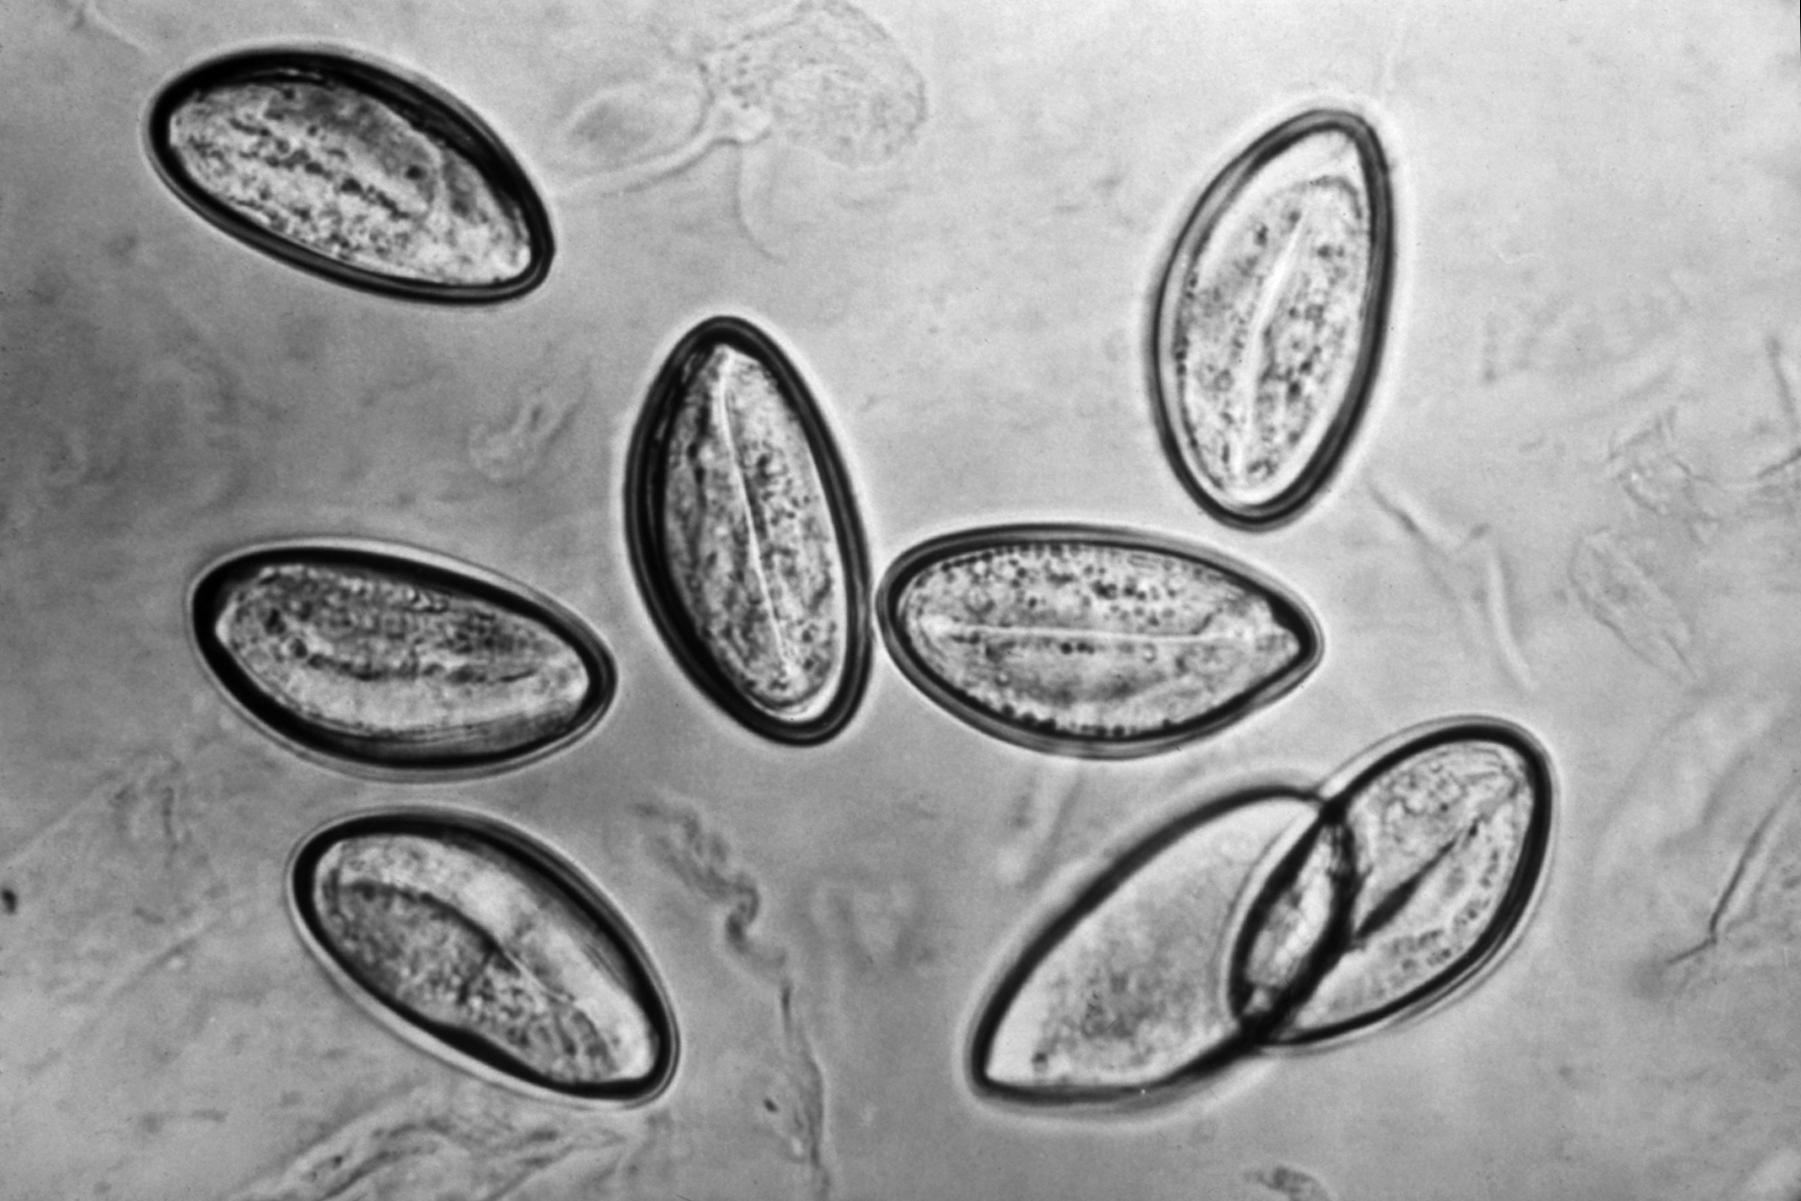 enterobiasis symptomen oxiuros en ninos imagenes